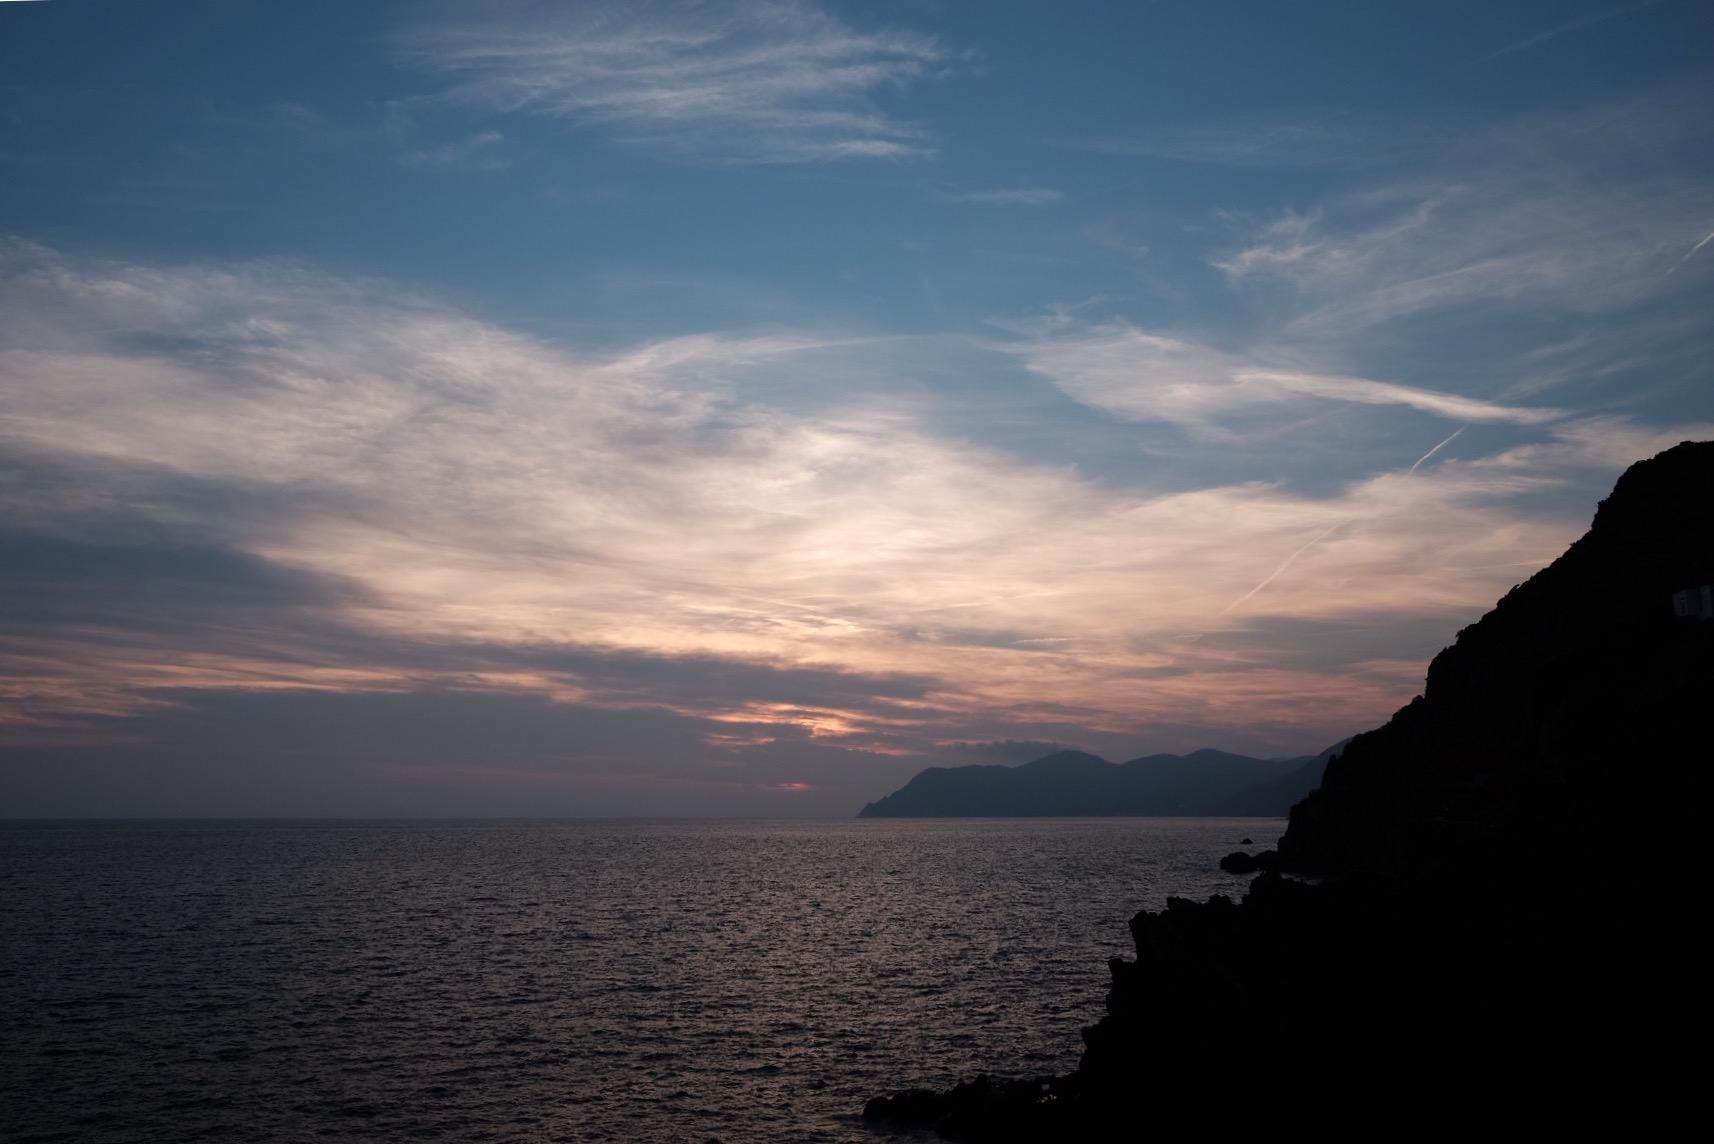 31. Riomaggiore sunset, Cinque Terre, Italy